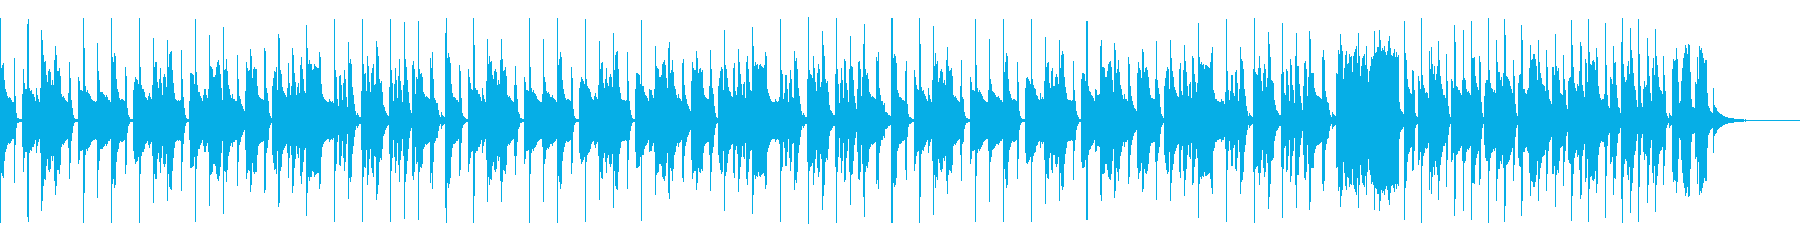 かわいいパズルBGM(スピードアップ有)の再生済みの波形